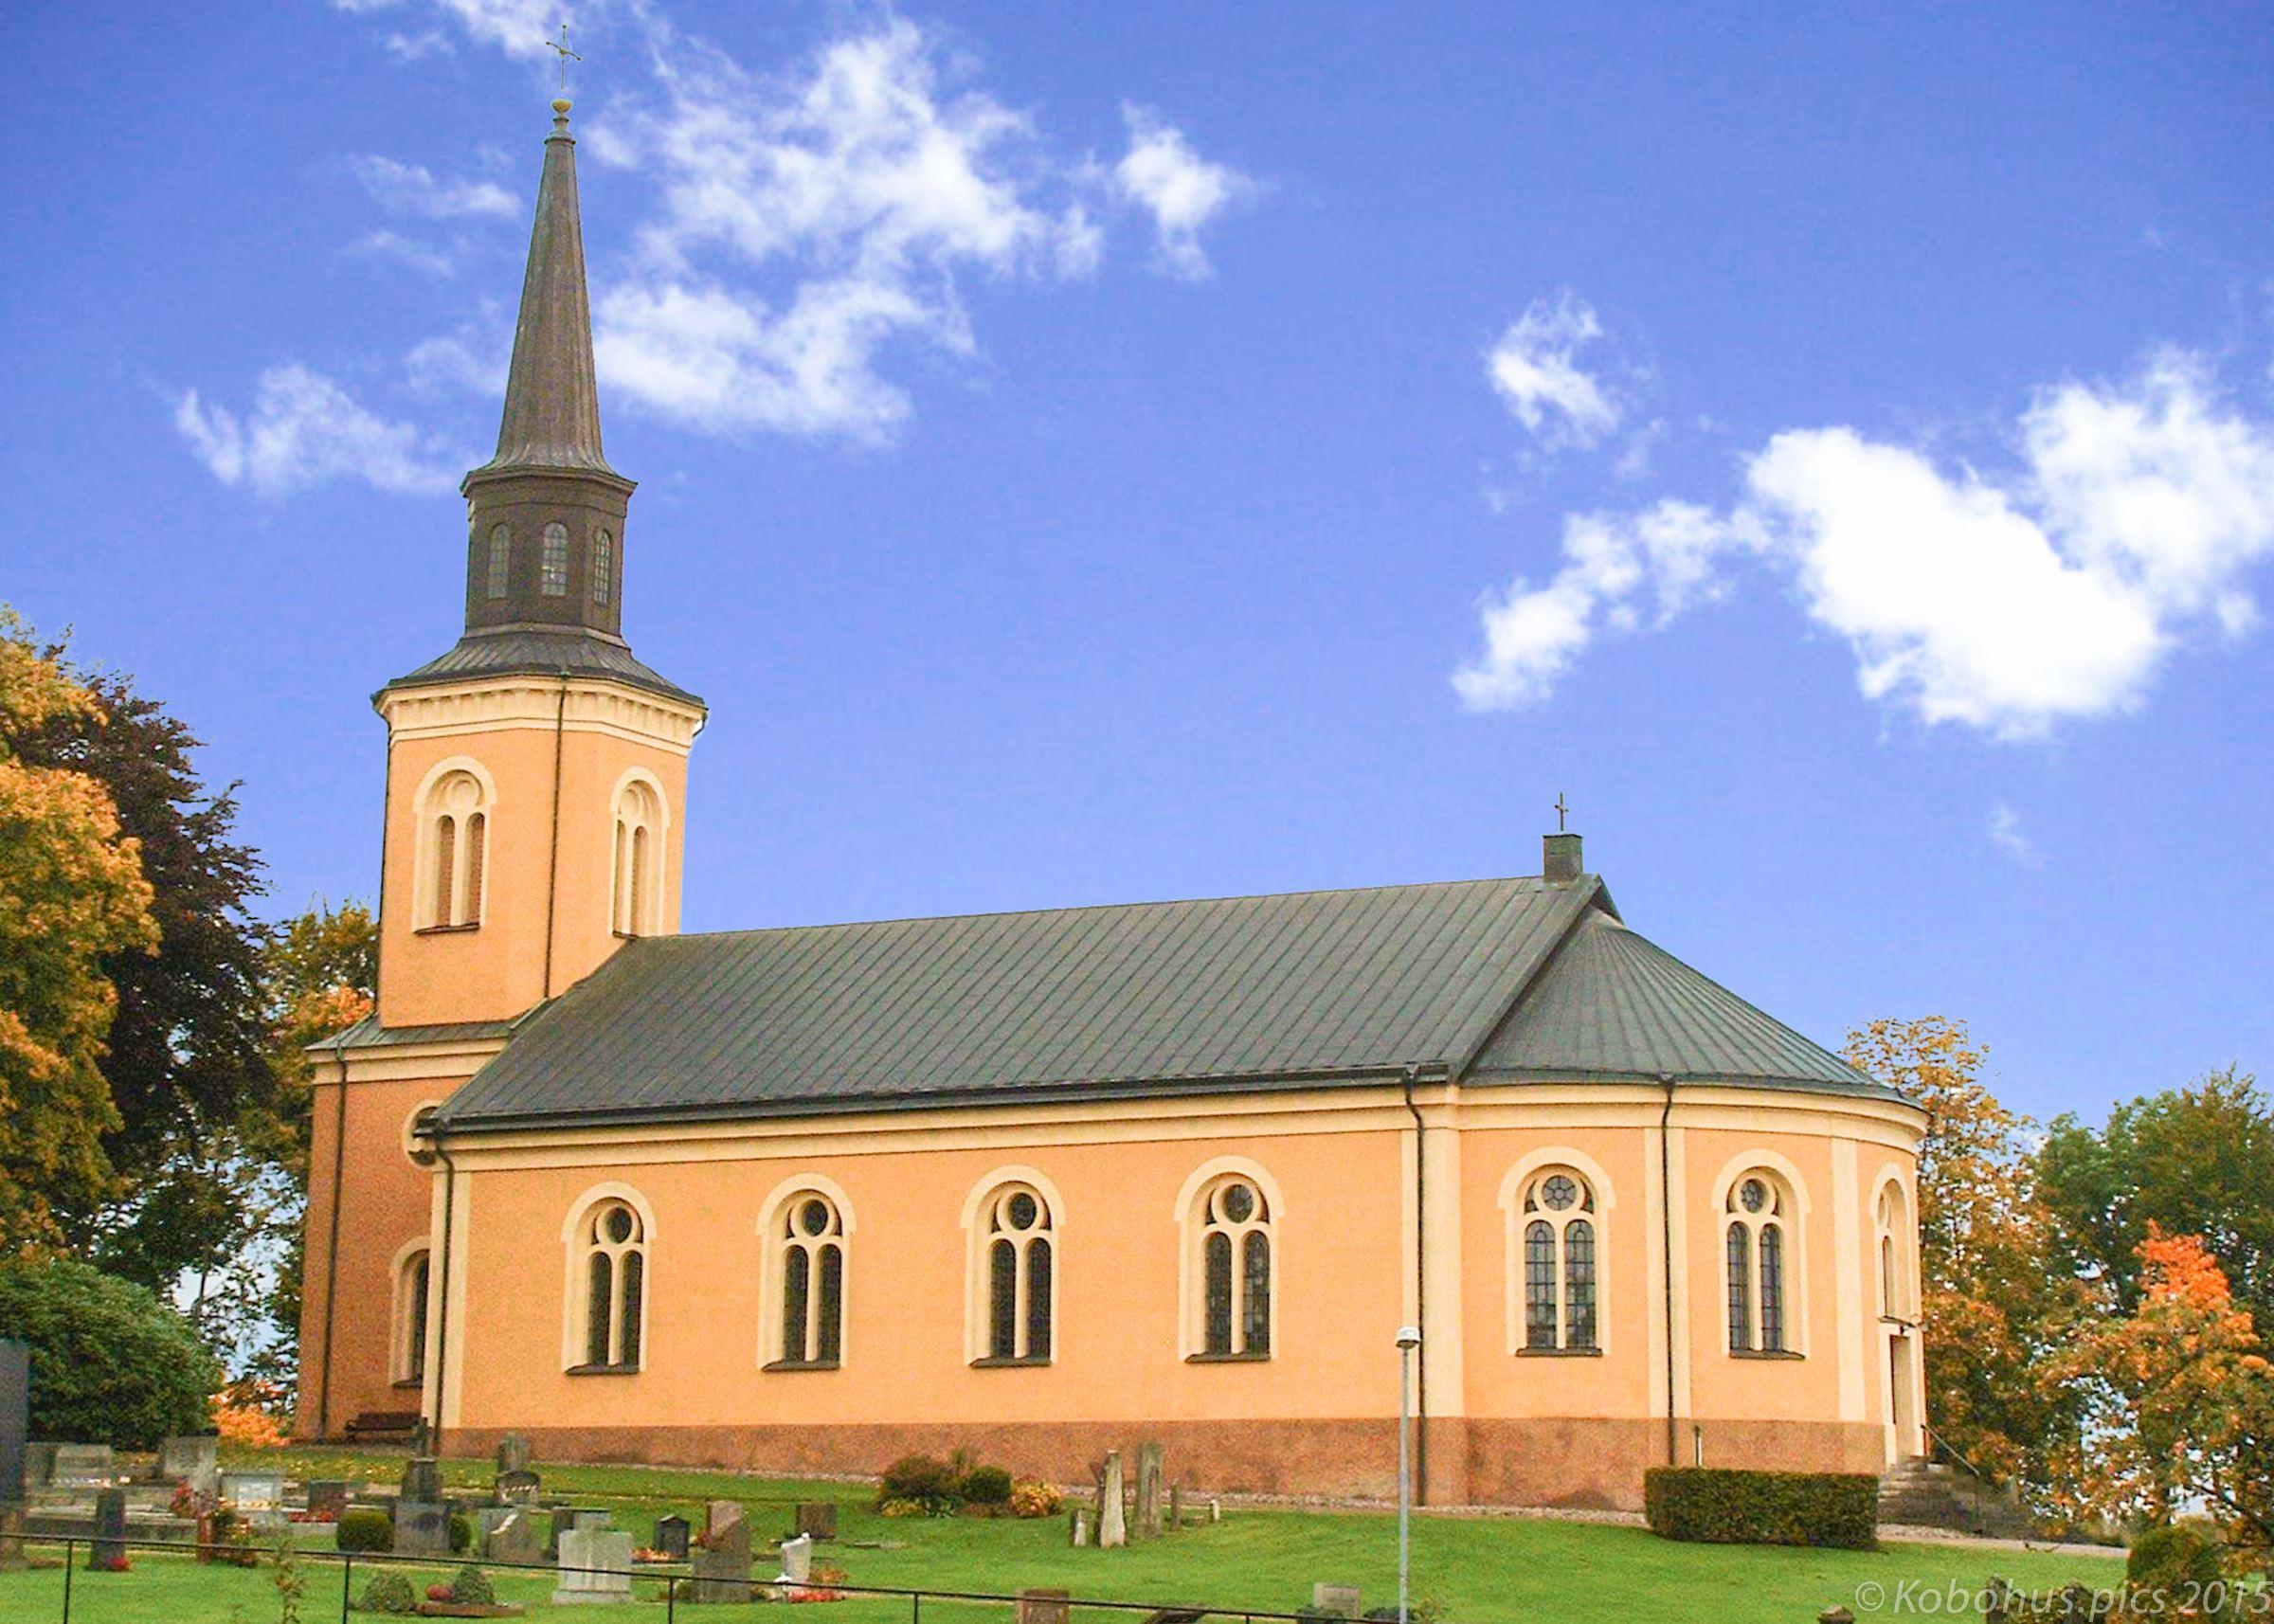 Norra Åkarps kyrka i Bjärnum